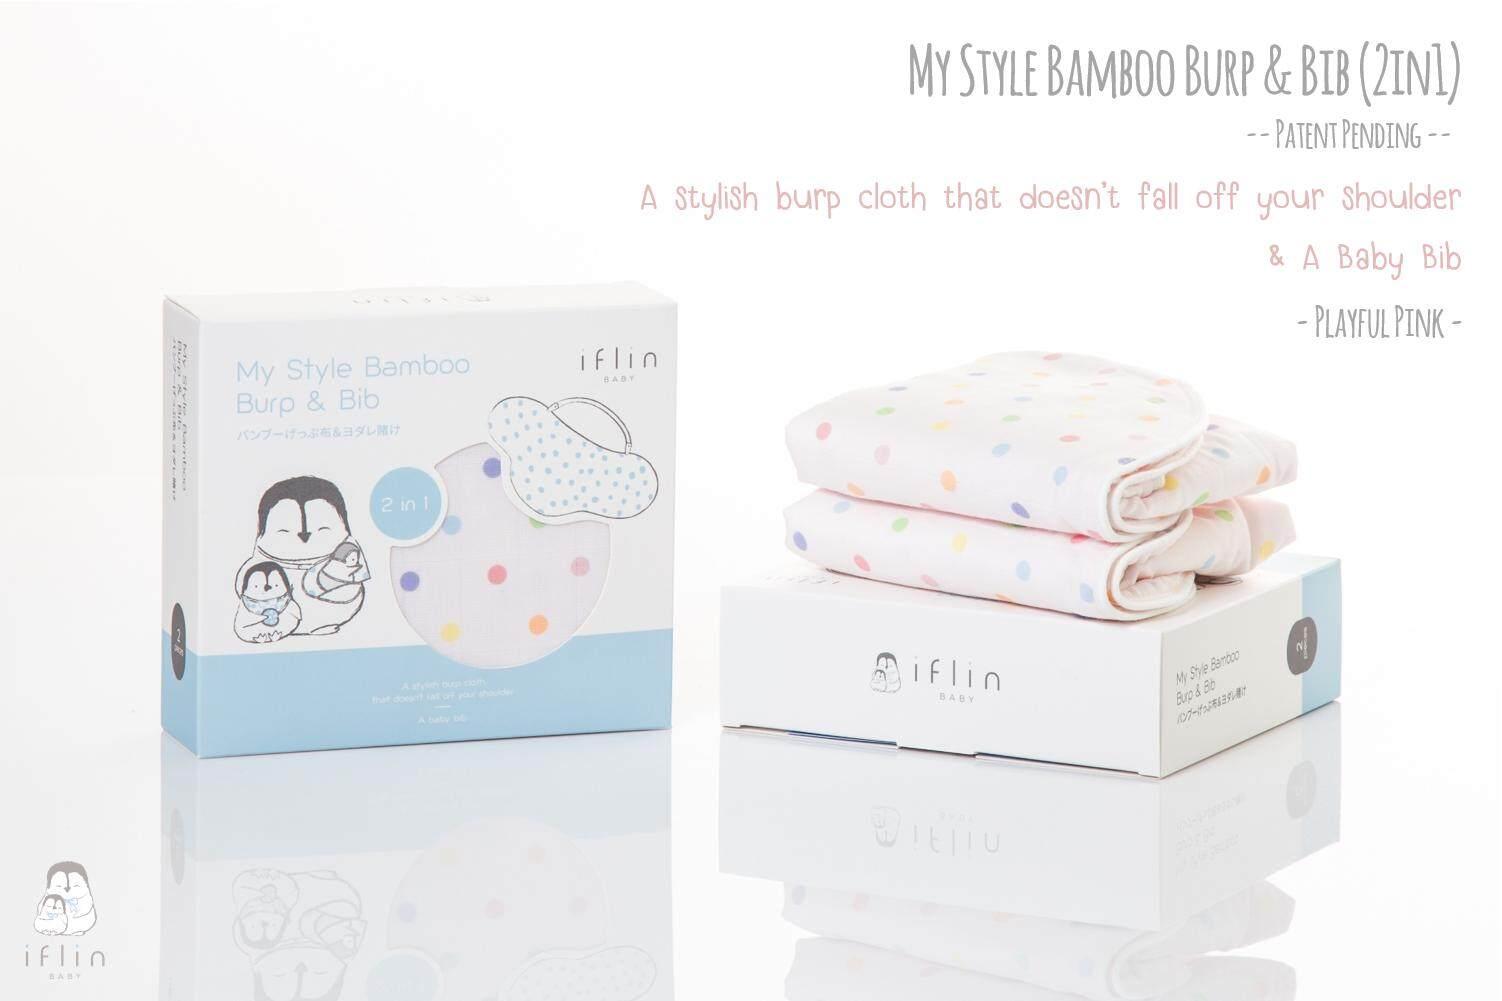 รีวิว Iflin Baby - ผ้าพาดบ่า แบบไม่หล่นพื้น & ผ้ากันเปื้อนใยไผ่ (My Style Bamboo Burp & Bib) - ผ้าอ้อมเด็ก